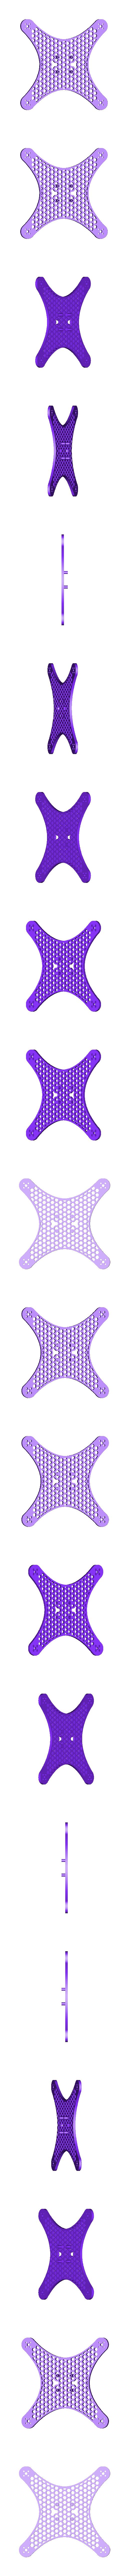 diy_mini_quad_v3_one_piece.stl Télécharger fichier STL gratuit Bricolage Mini Quadcopter Edition nid d'abeille en nid d'abeille • Design pour impression 3D, Balkhgar